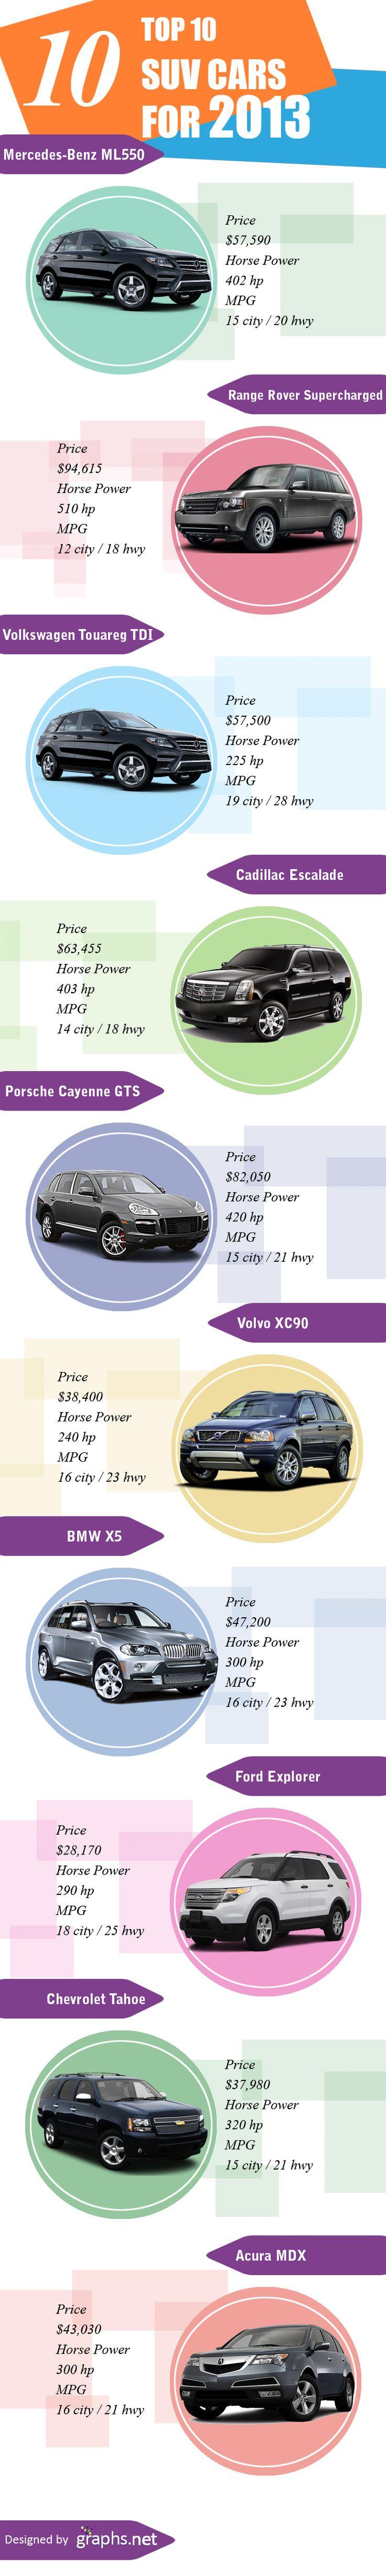 Top Ten SUV Cars for 2013 #infografía